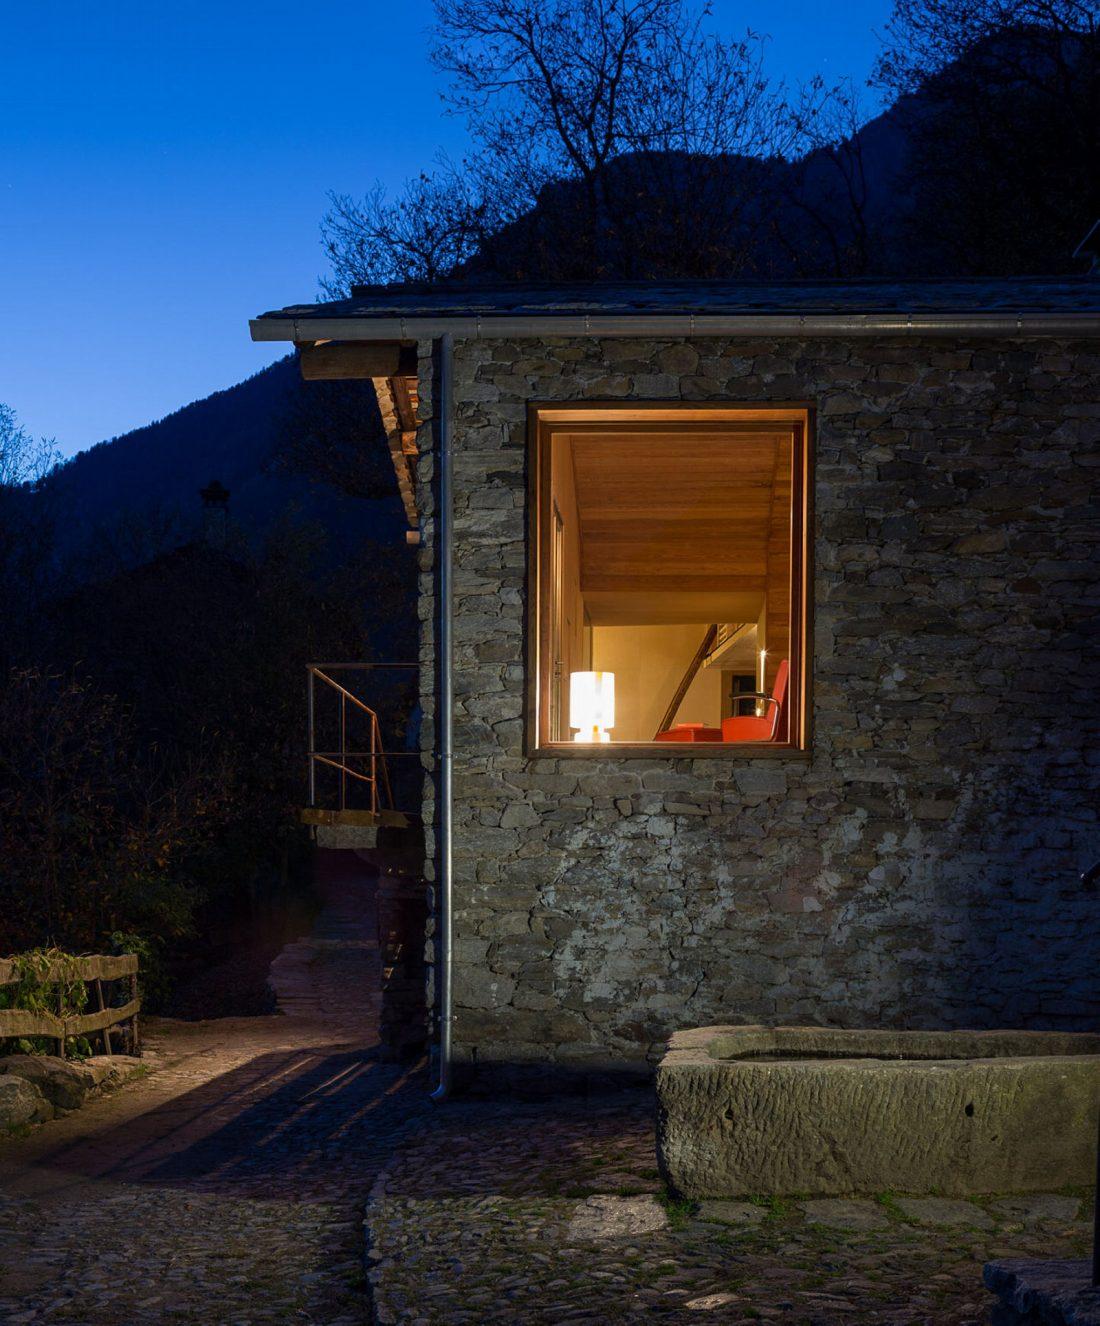 Реставрация старинного дома 16 века в Швейцарии по проекту Vudafieri Saverino Partners 6